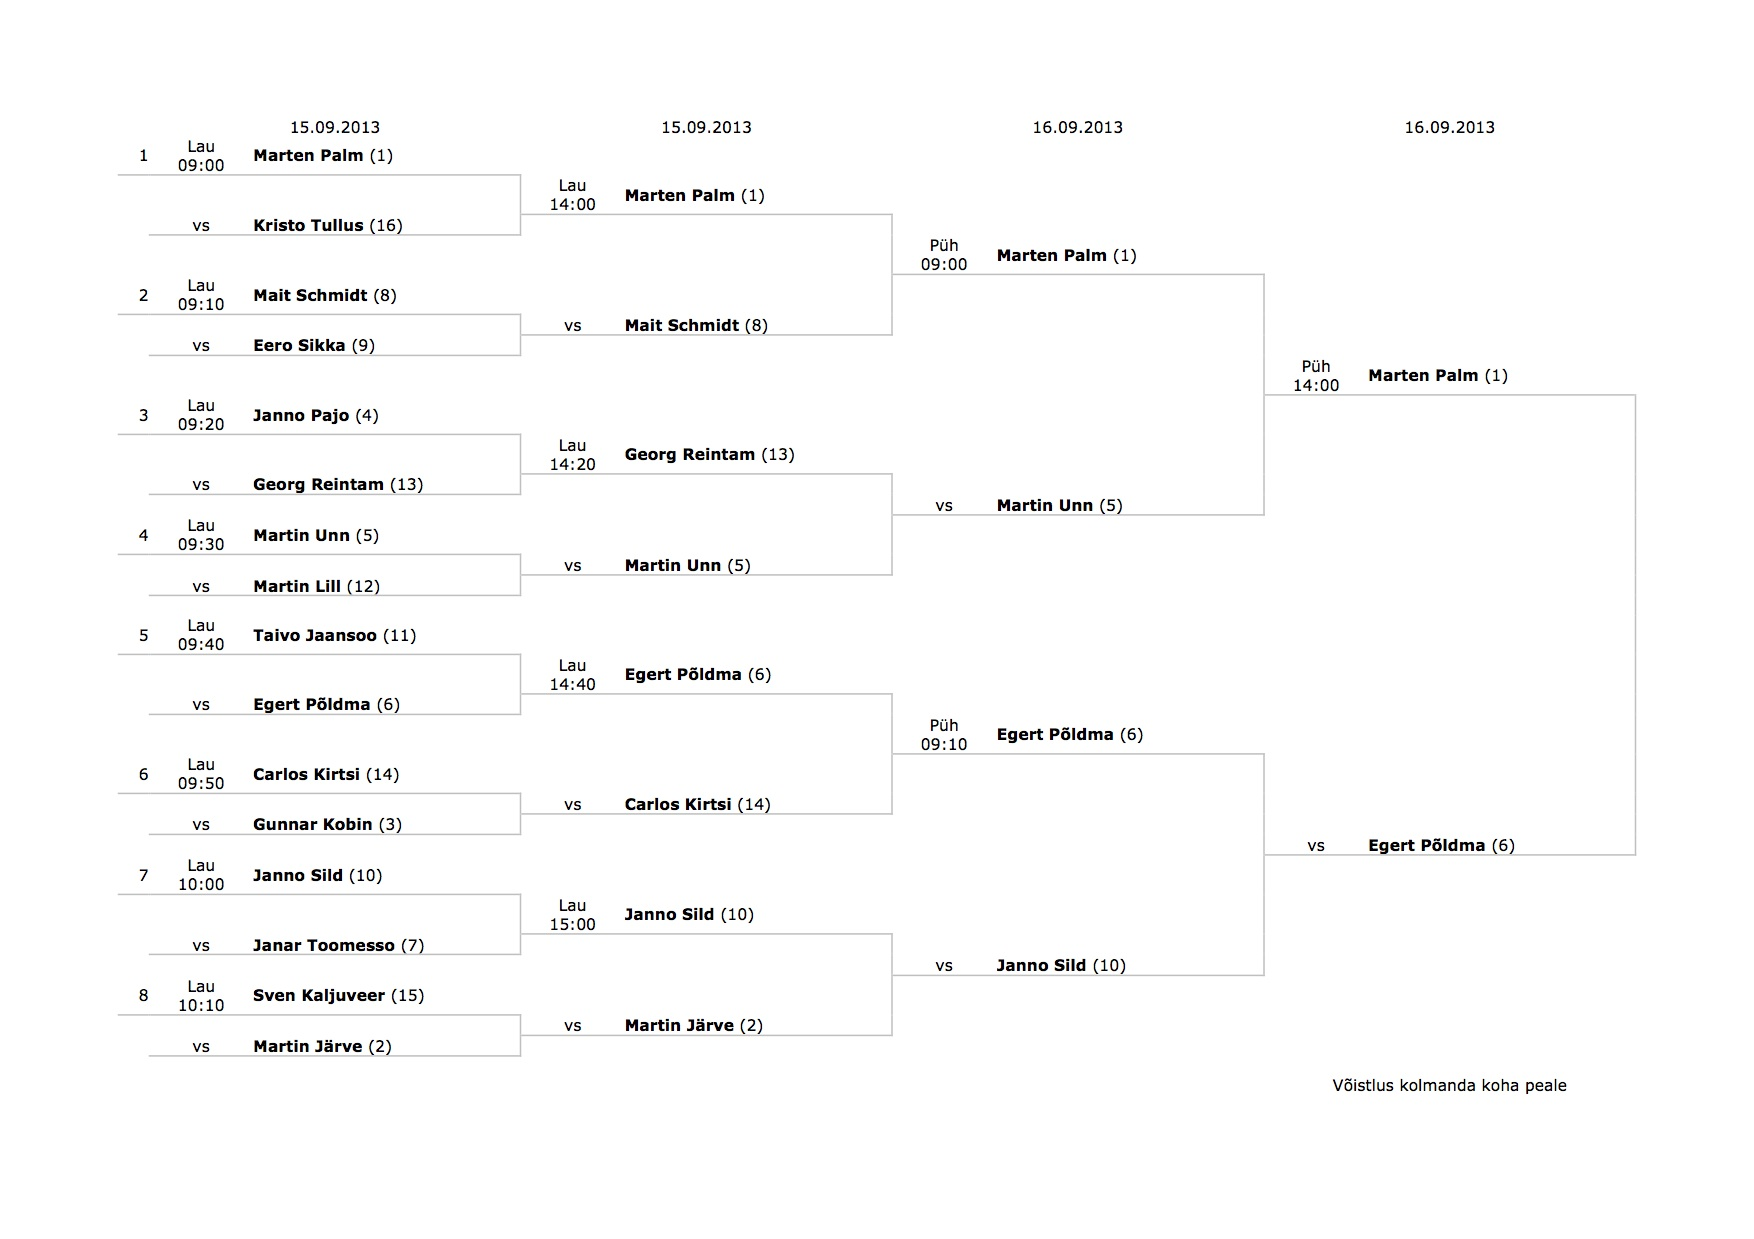 Võistluste ajagraafik2013 matchplay